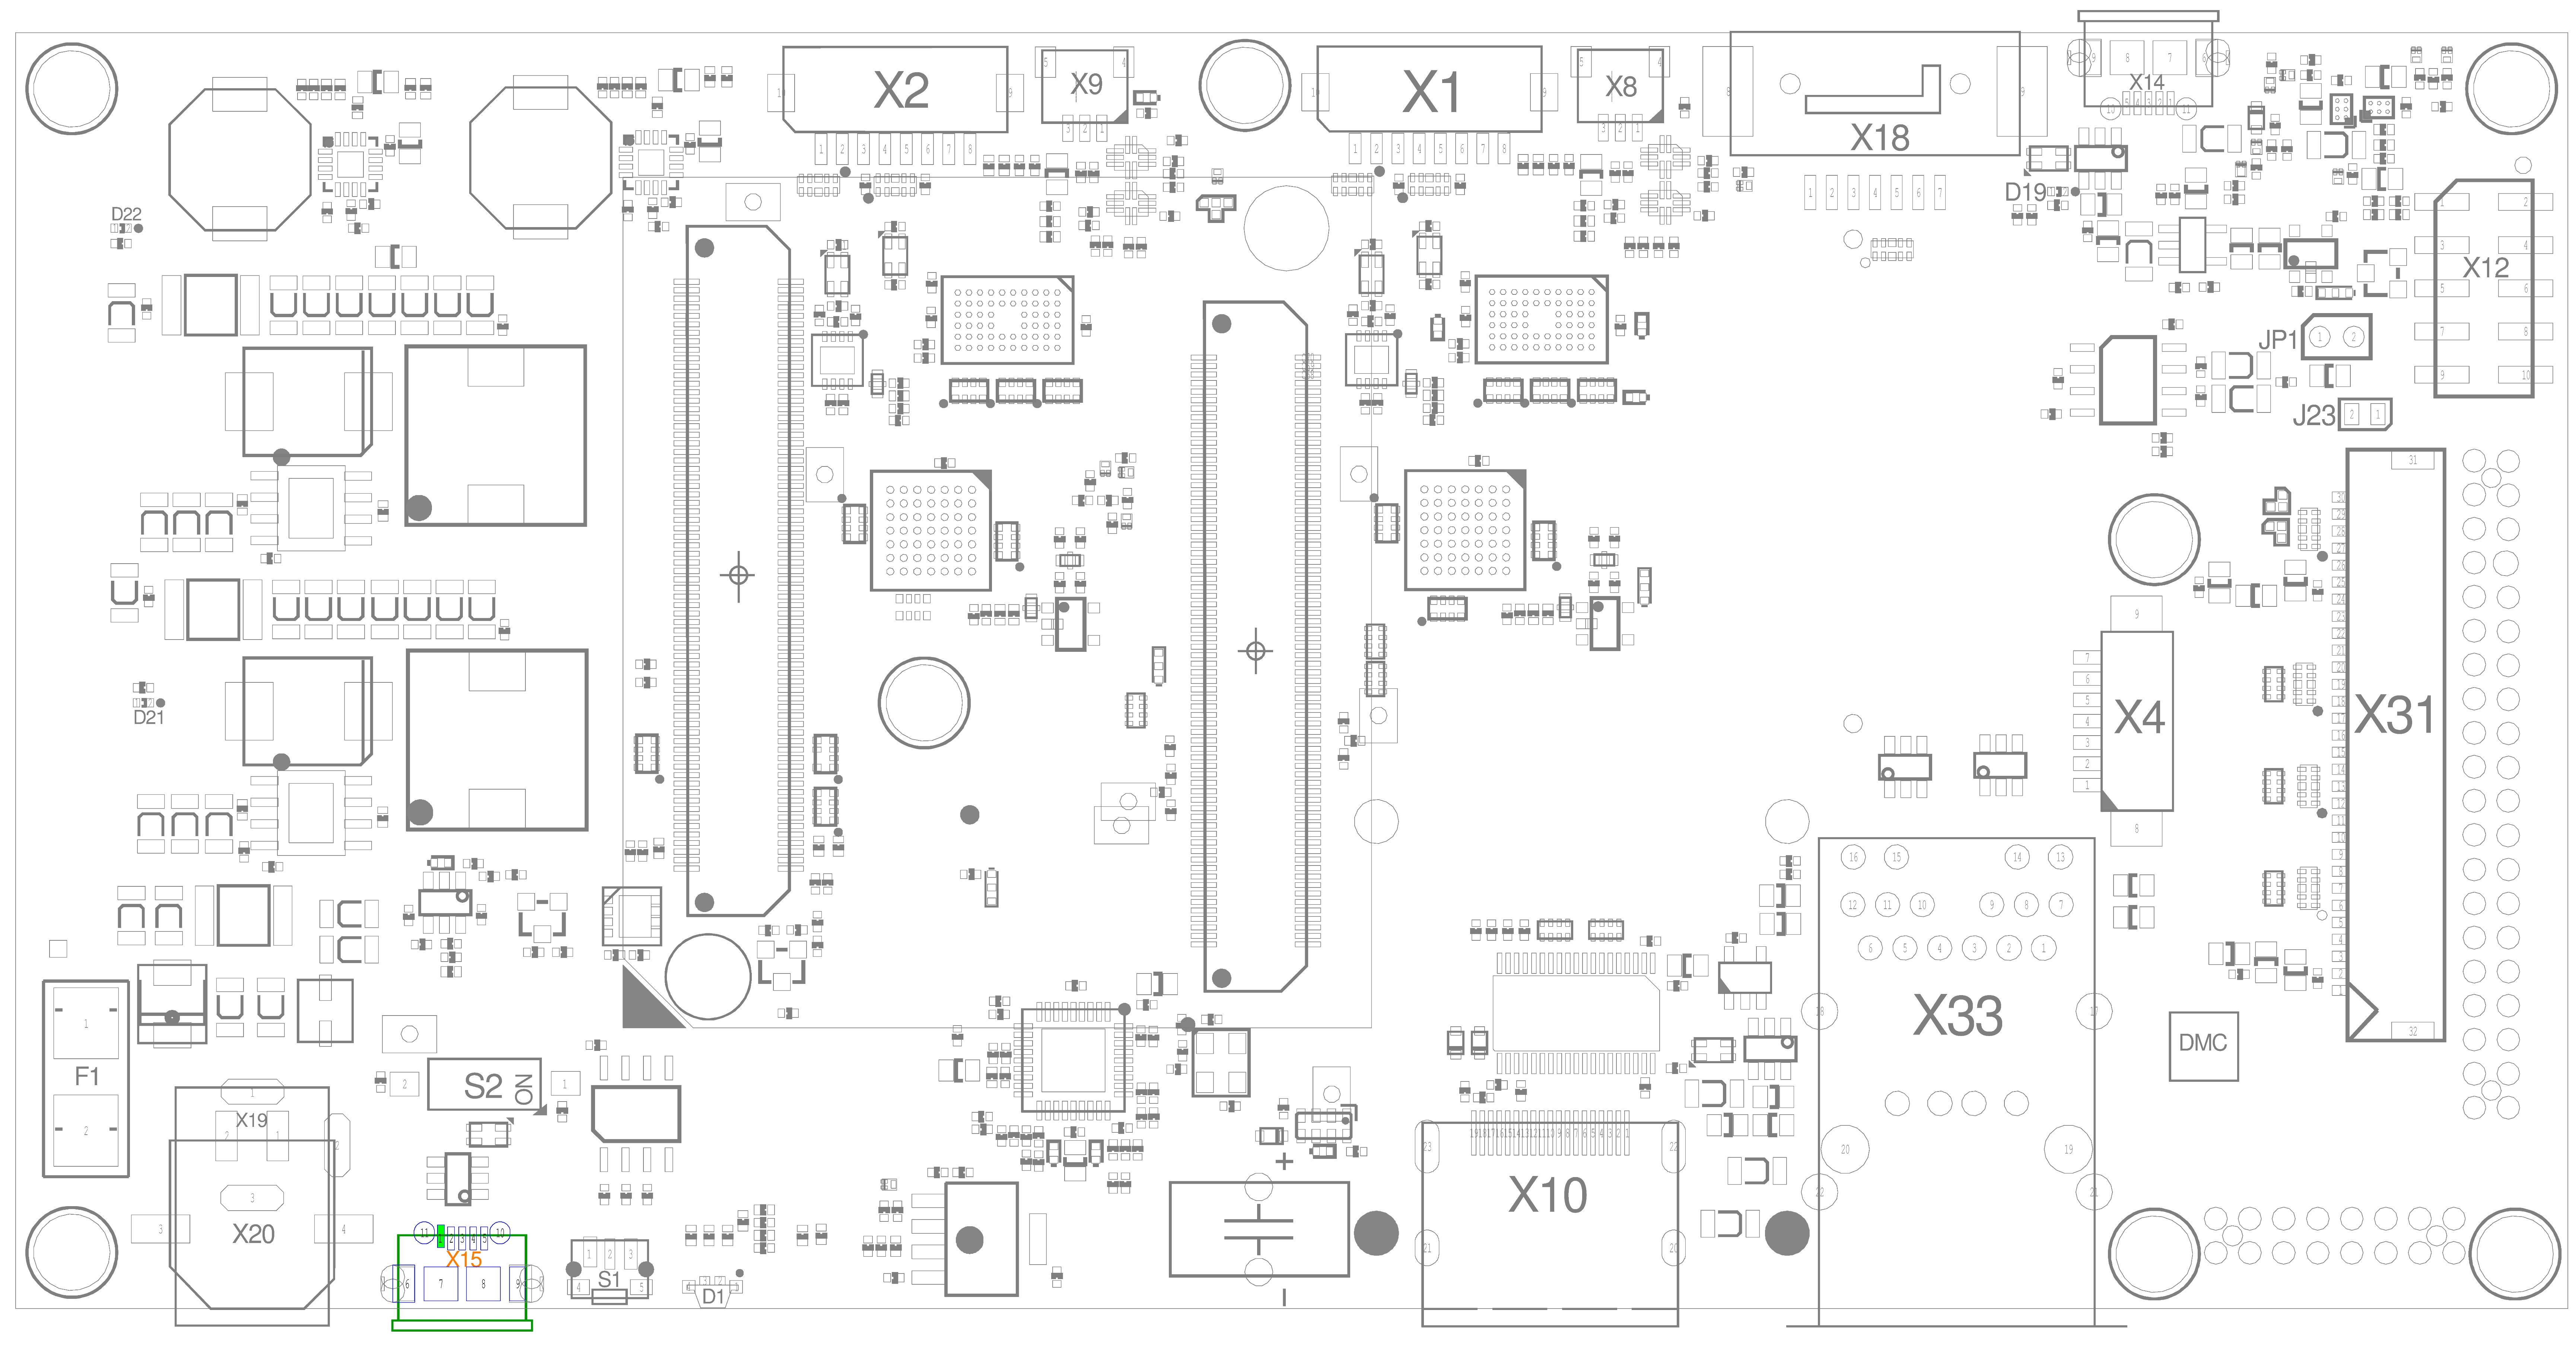 USB Debug Connector (X15)